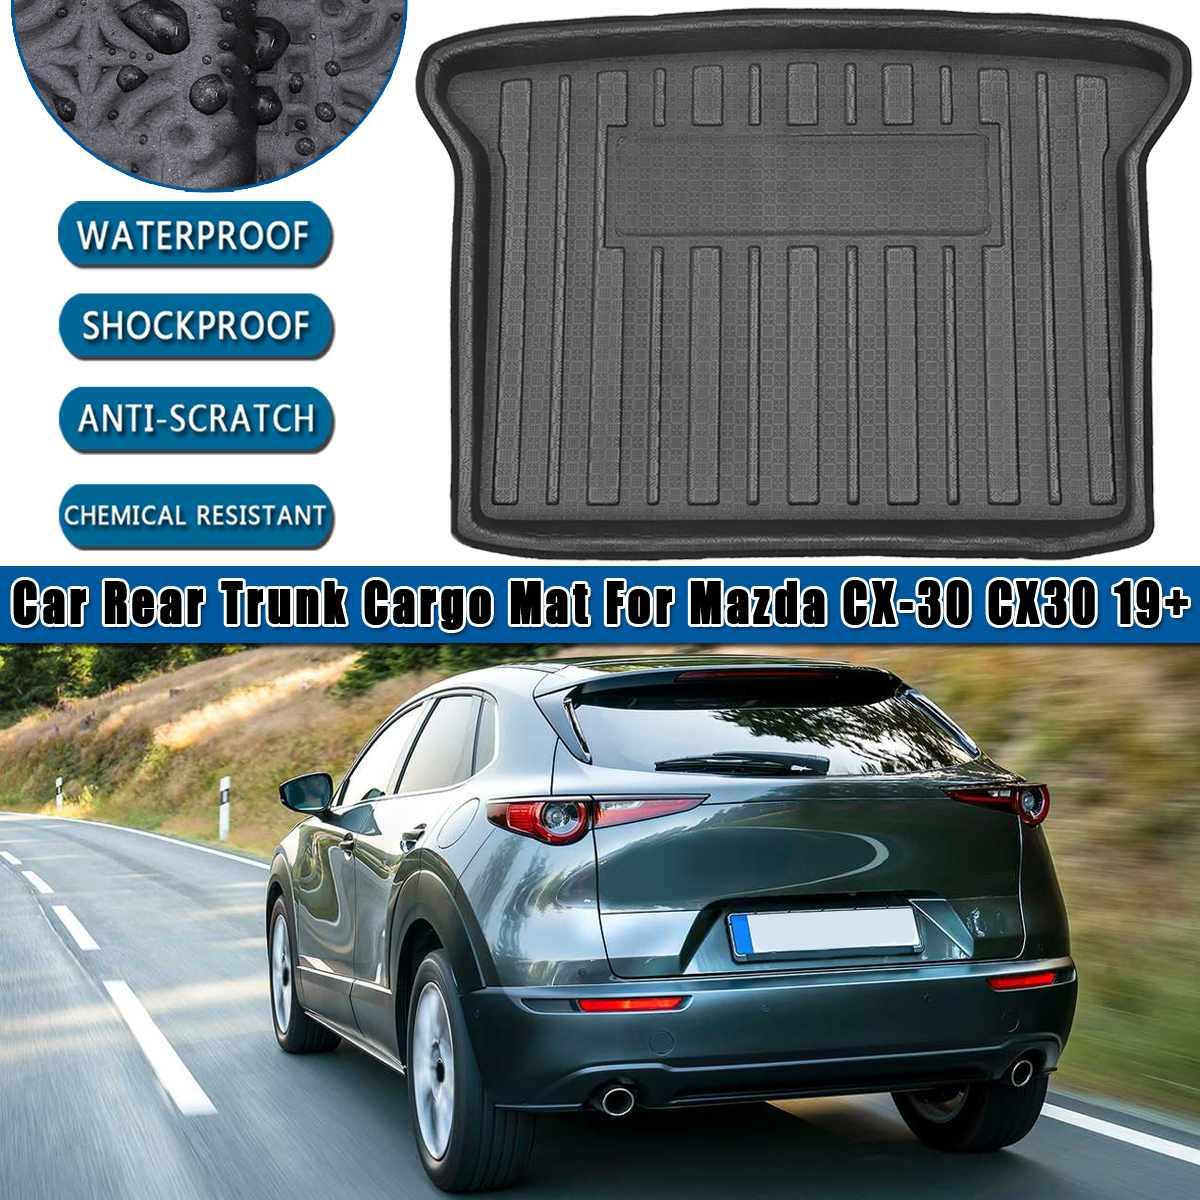 Tapis de protection contre la boue   Revêtement de la cargaison arrière, coffre de plancher, tapis de sol, tapis de protection pour Mazda 2019 CX30 2020 + tapis, tapis de protection pour la boue 1 pièces